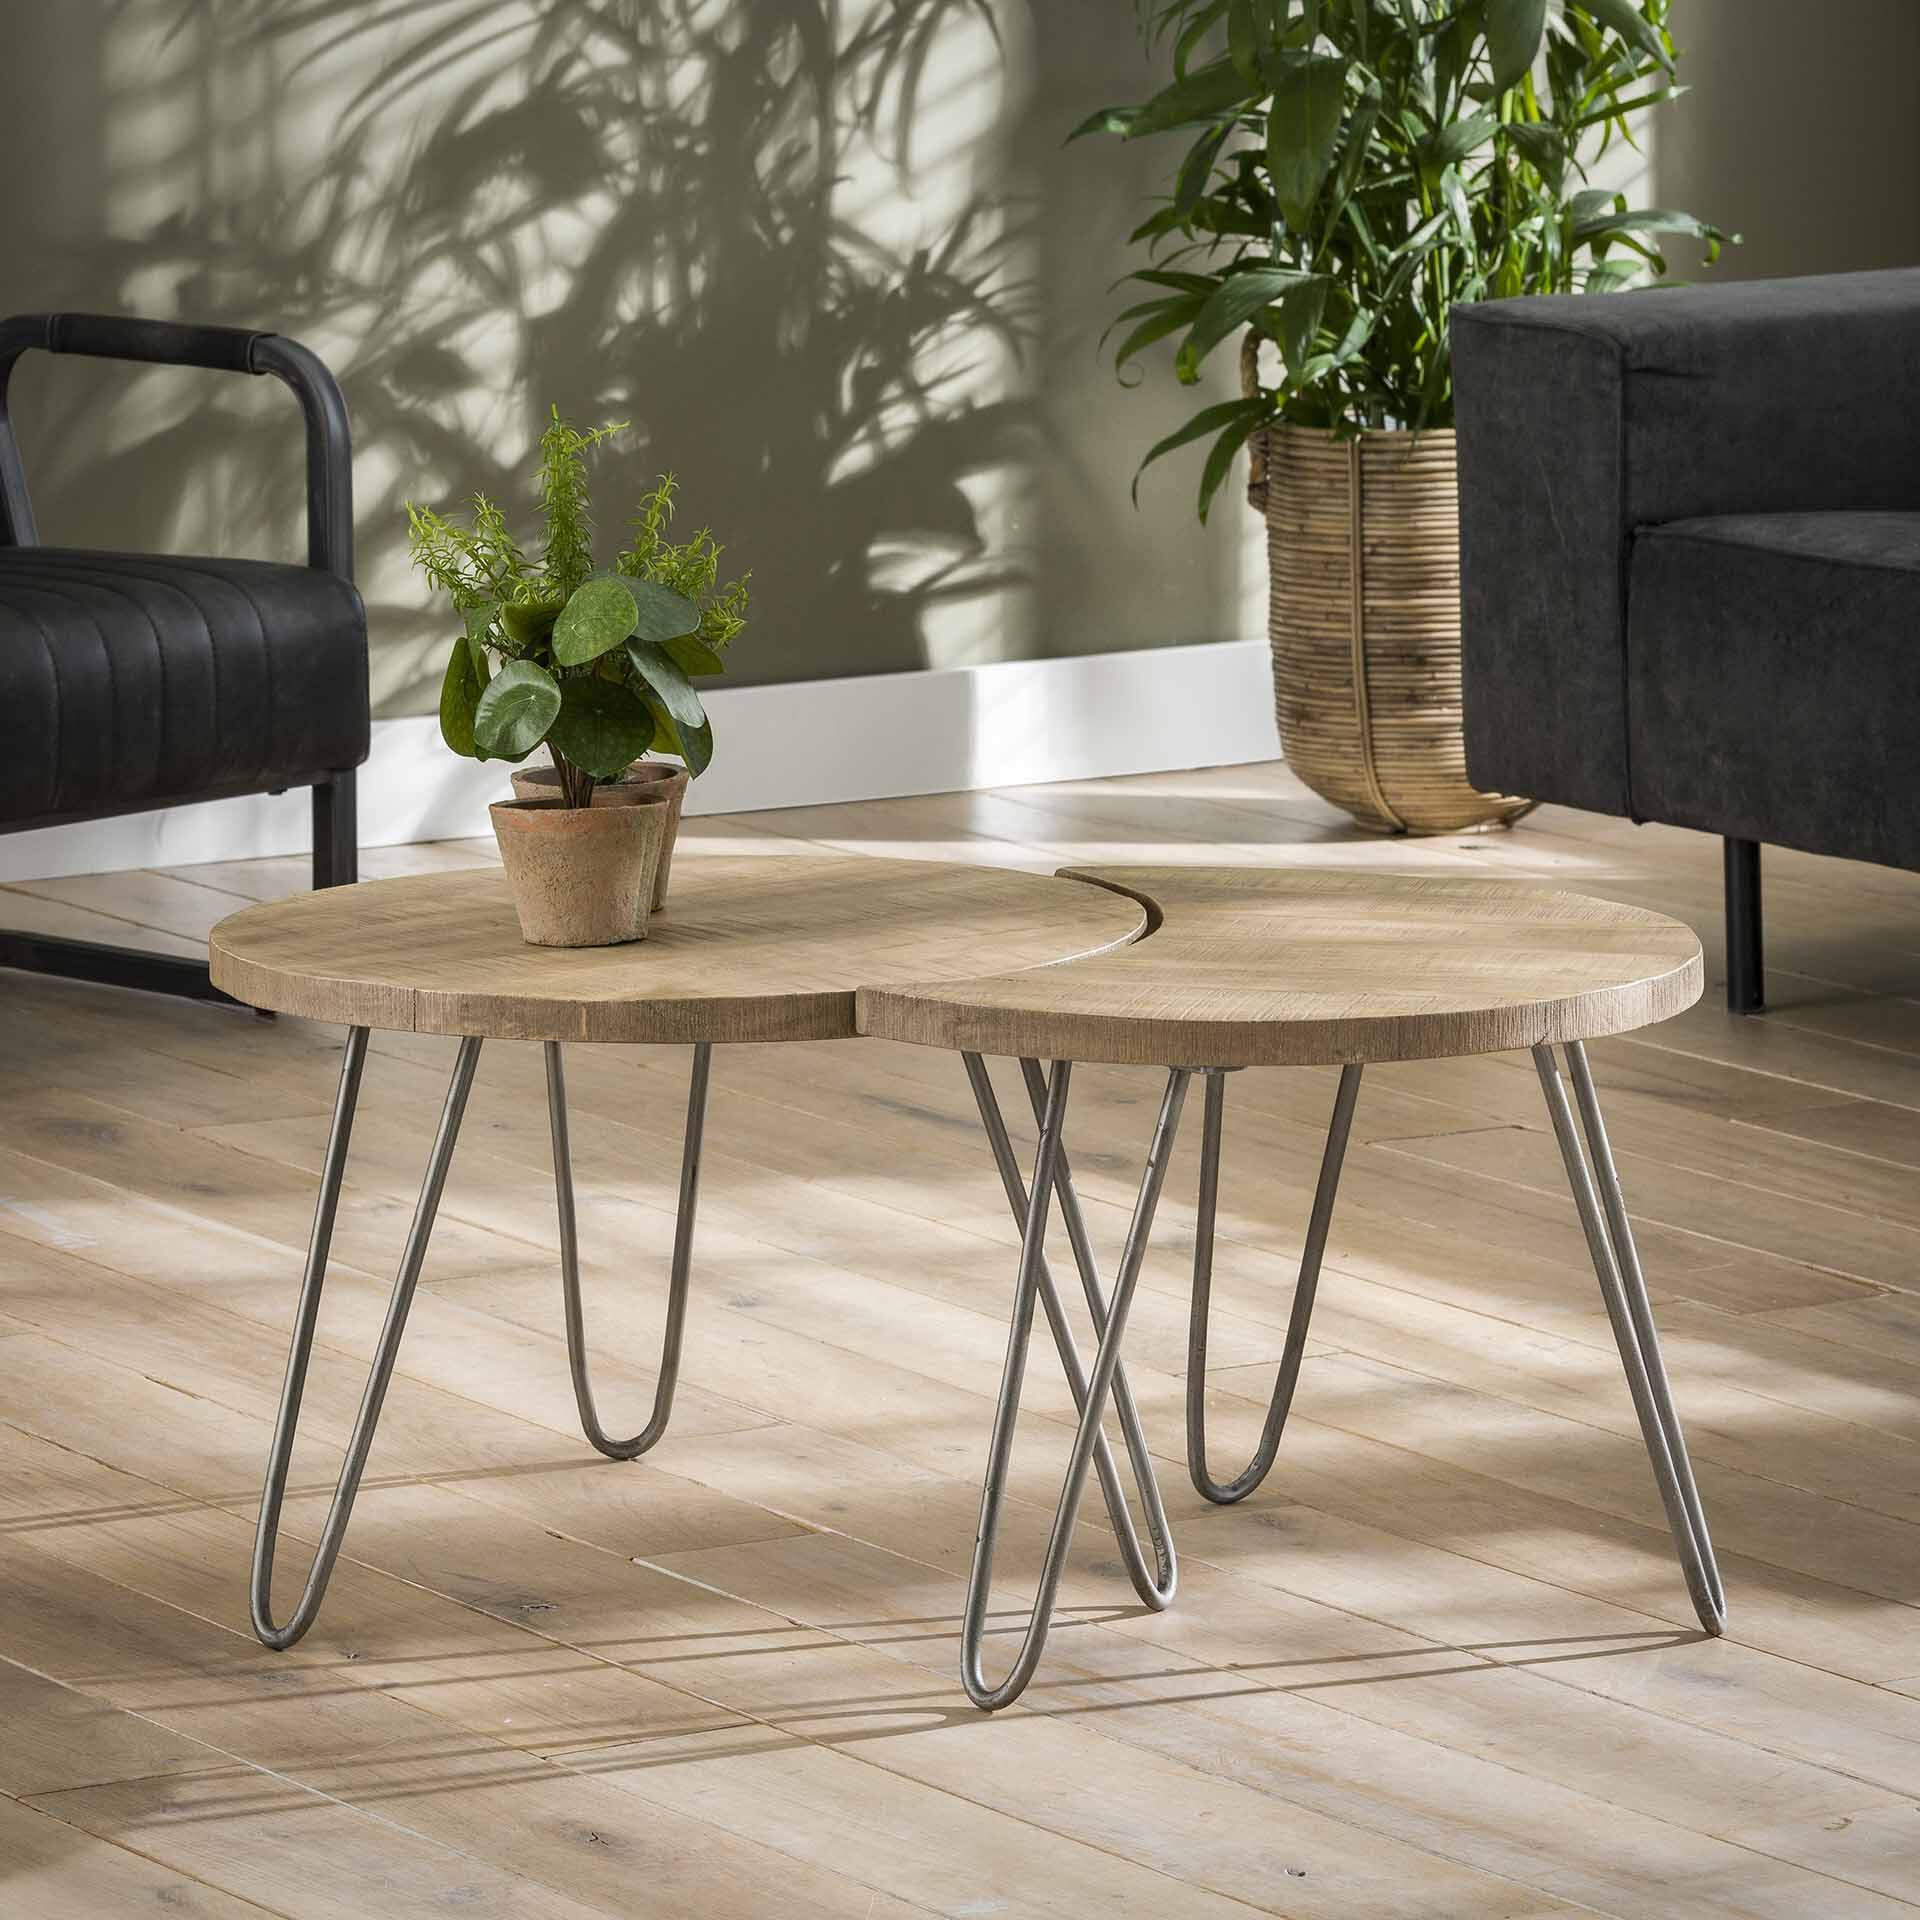 Op Trapstoel: Alles voor de inrichtng van uw woning is alles over meubelen te vinden: waaronder meubelpartner en specifiek Salontafel Livi set van 2 stuks, kleur naturel antiek